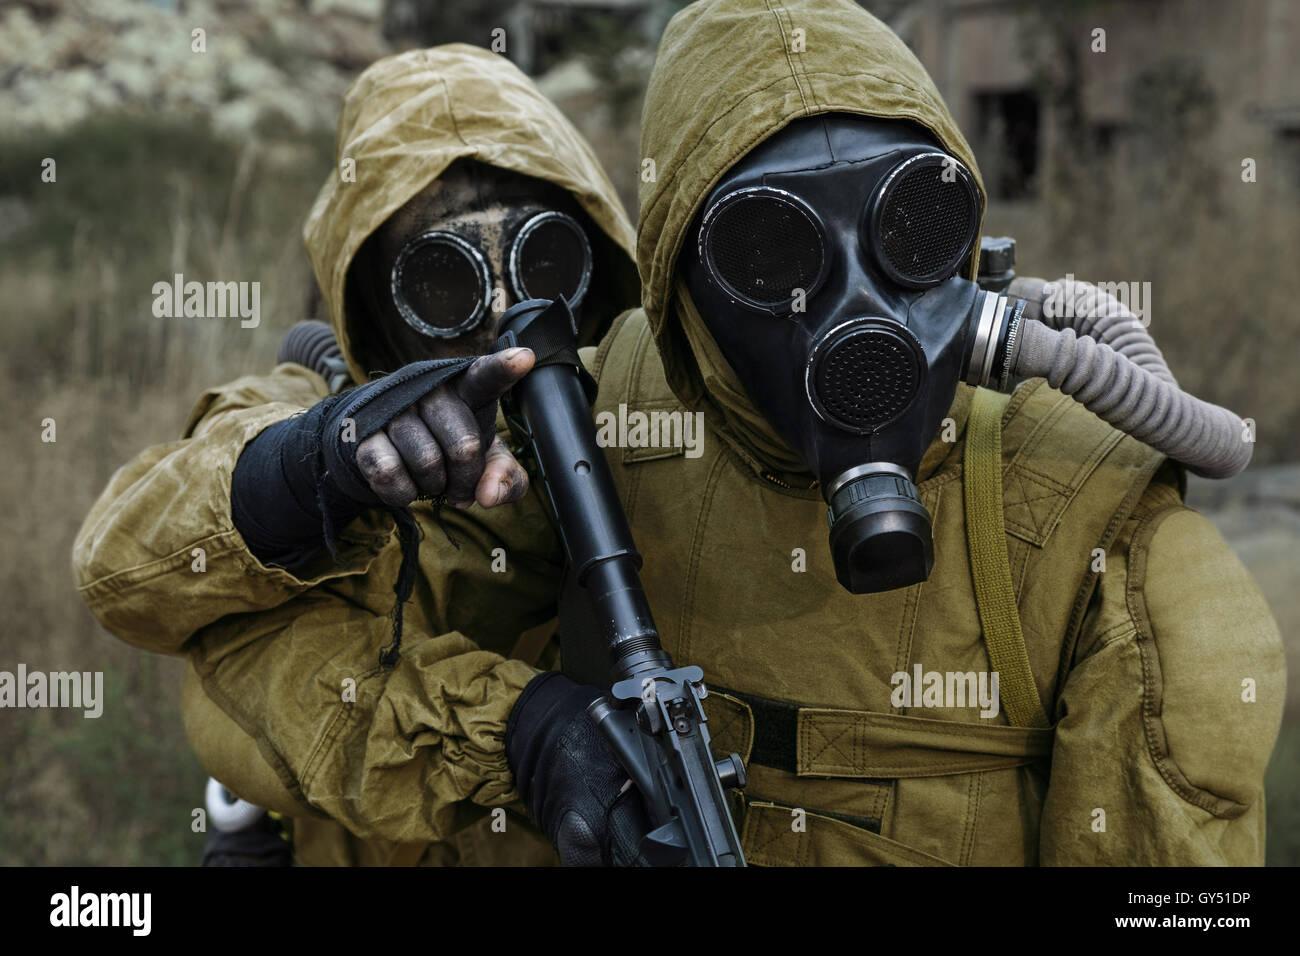 Post apocalypse survivors - Stock Image